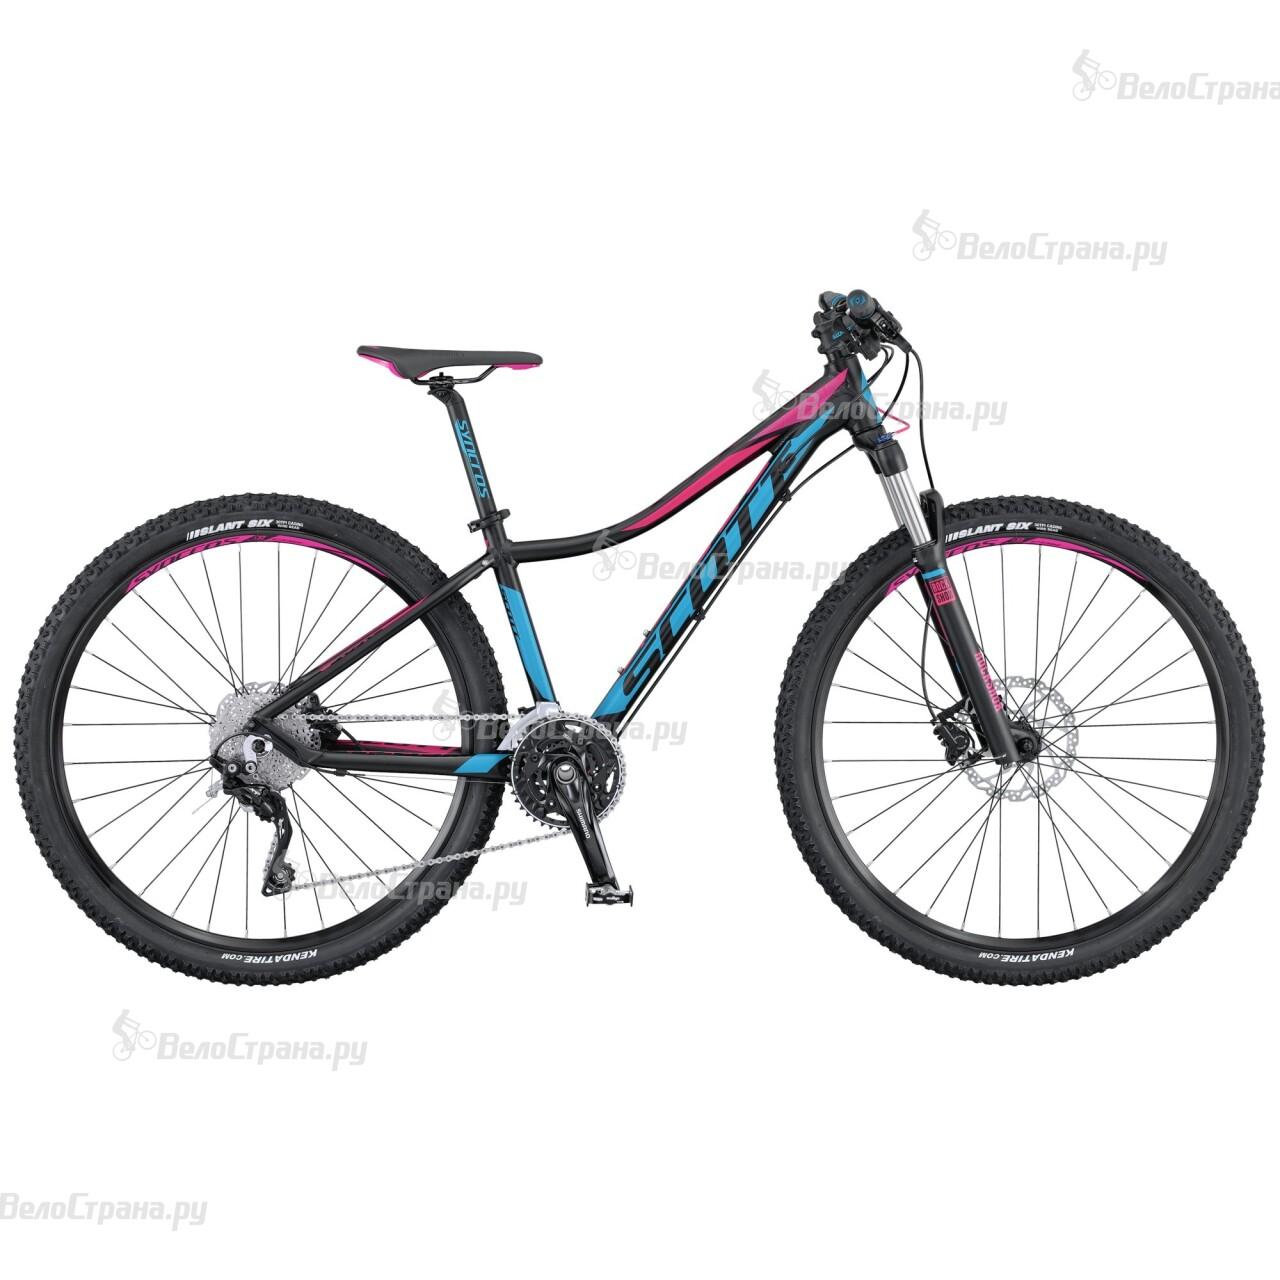 Велосипед Scott Contessa Scale 910 (2016) велосипед scott scale junior 26 2016